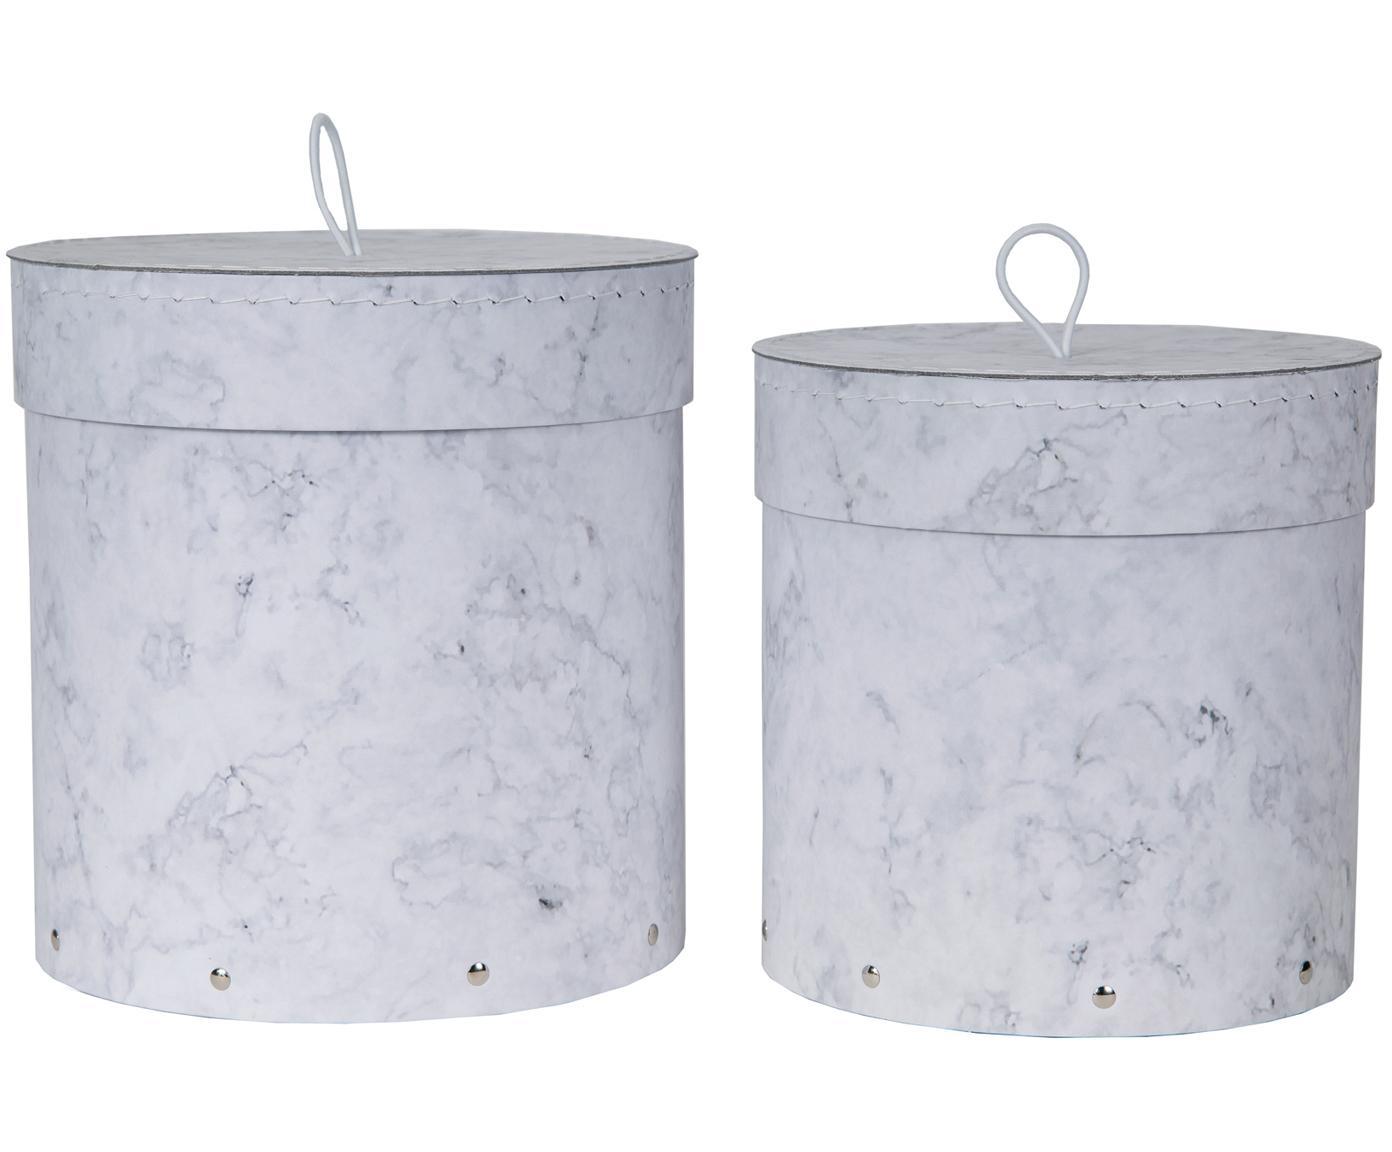 Set 2 scatole con coperchio Hanna, Scatola: solido, cartone laminato, Maniglia: gomma, Bianco, marmorizzato, Diverse dimensioni